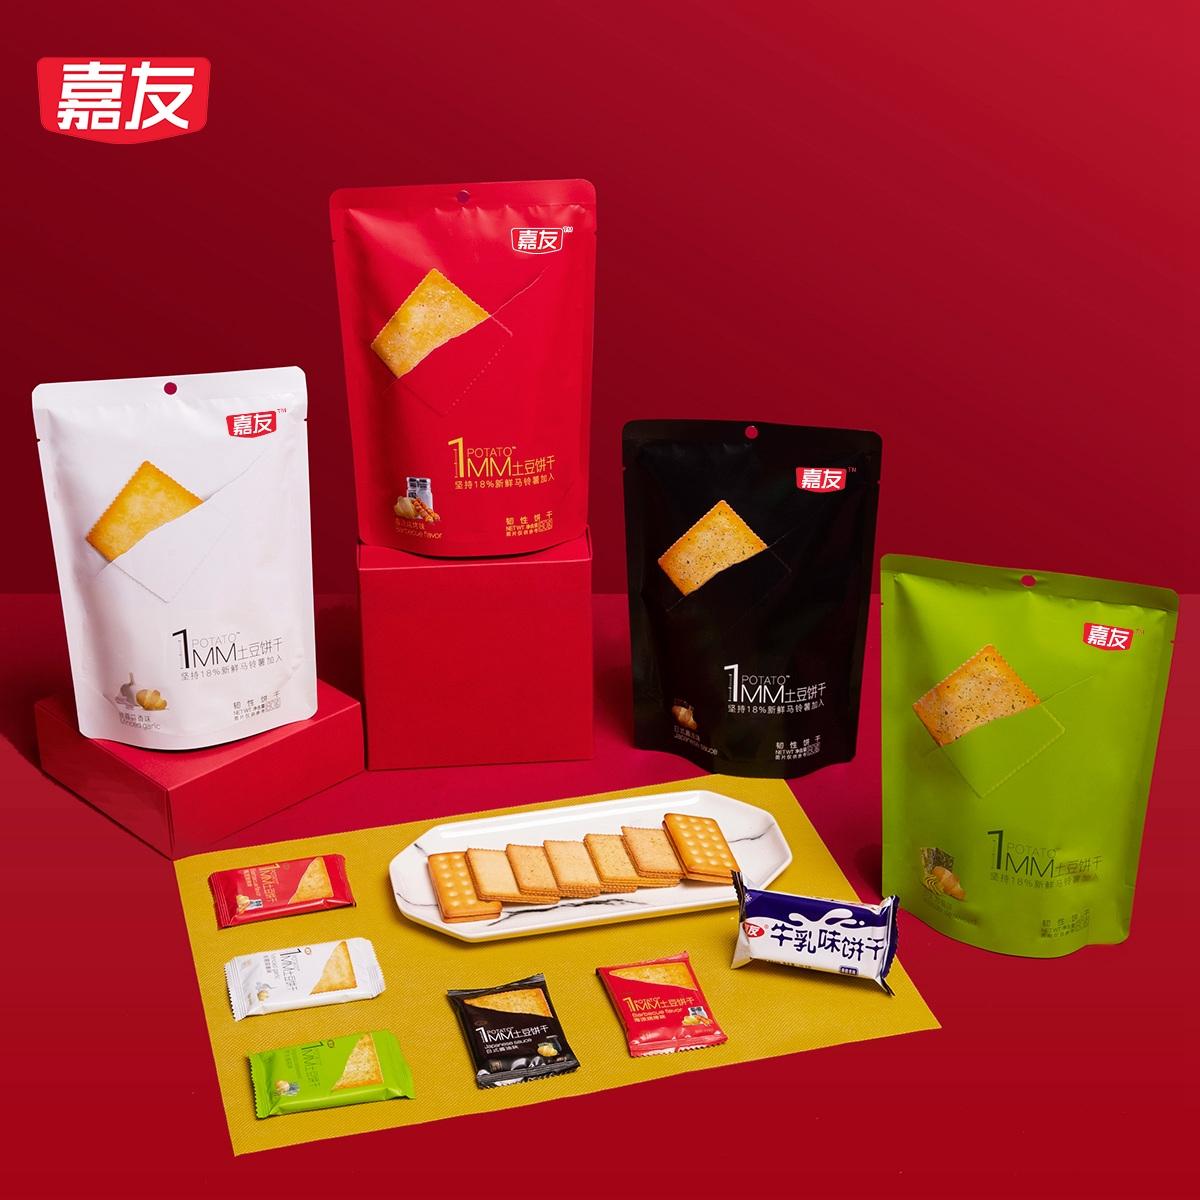 嘉友什锦饼干欢乐新春礼盒